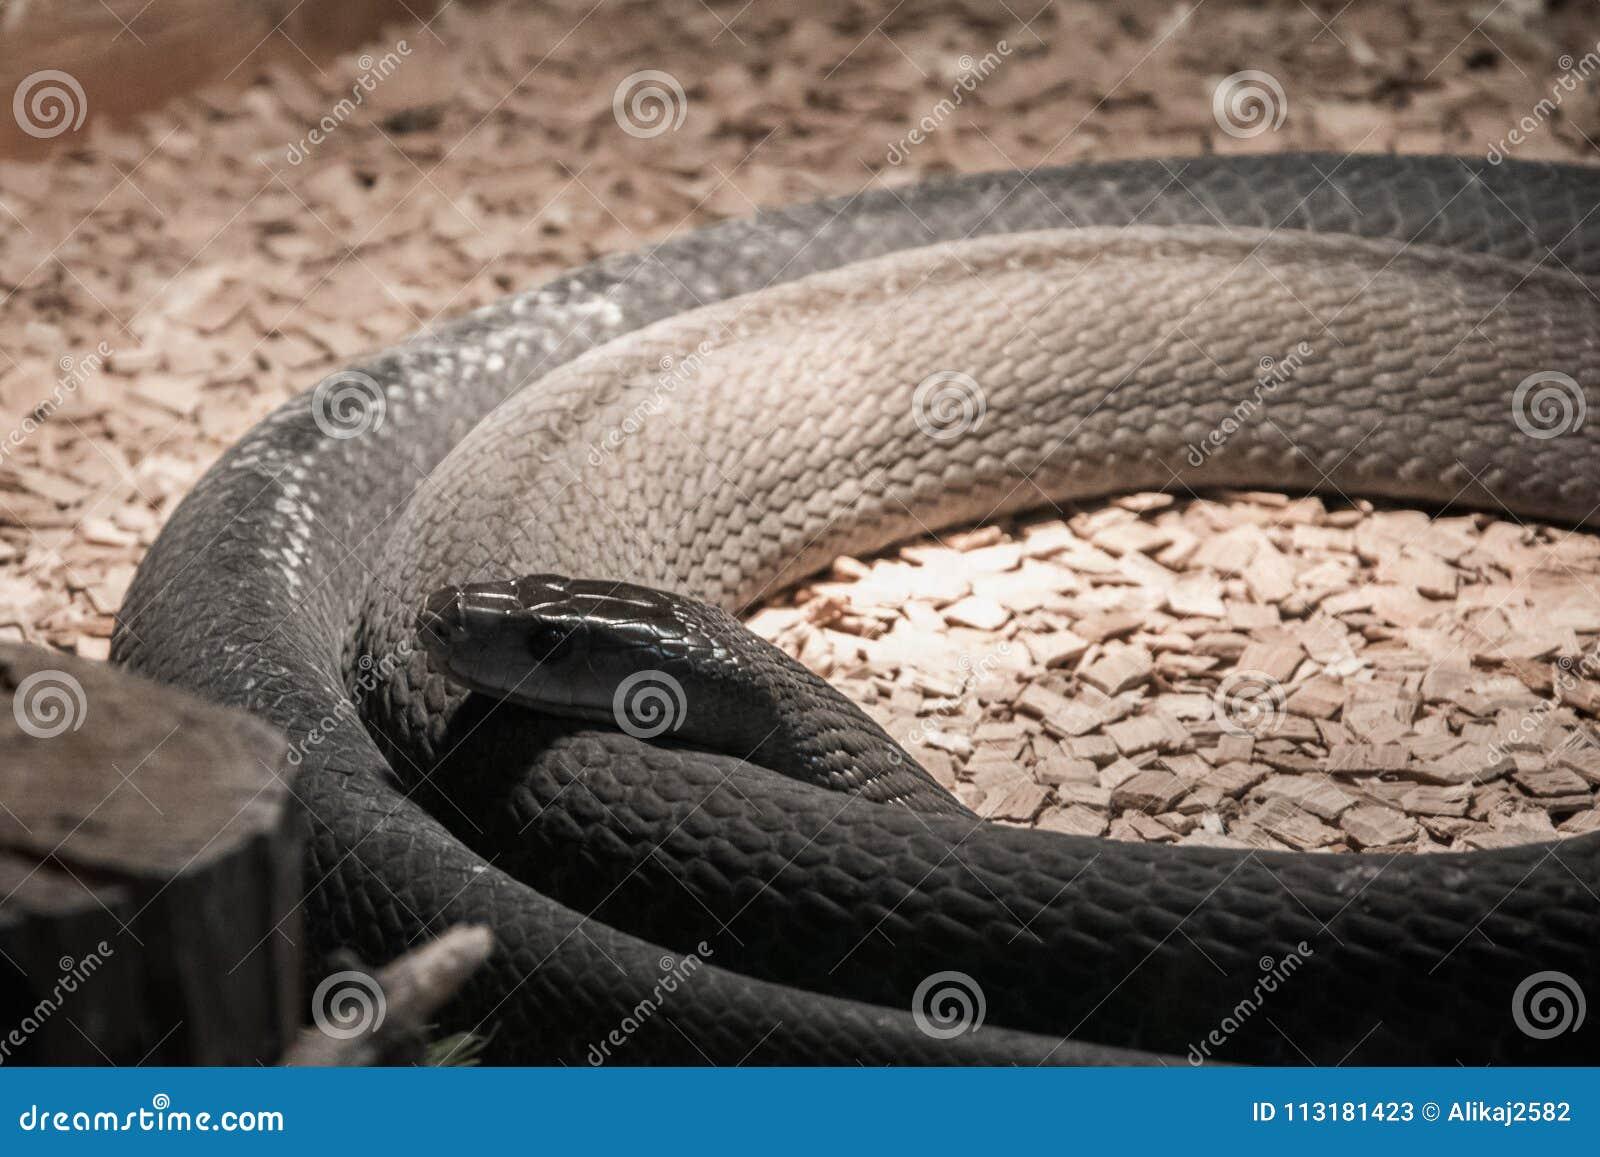 Serpent fortement venimeux - Mamba noir dans la mini-serre